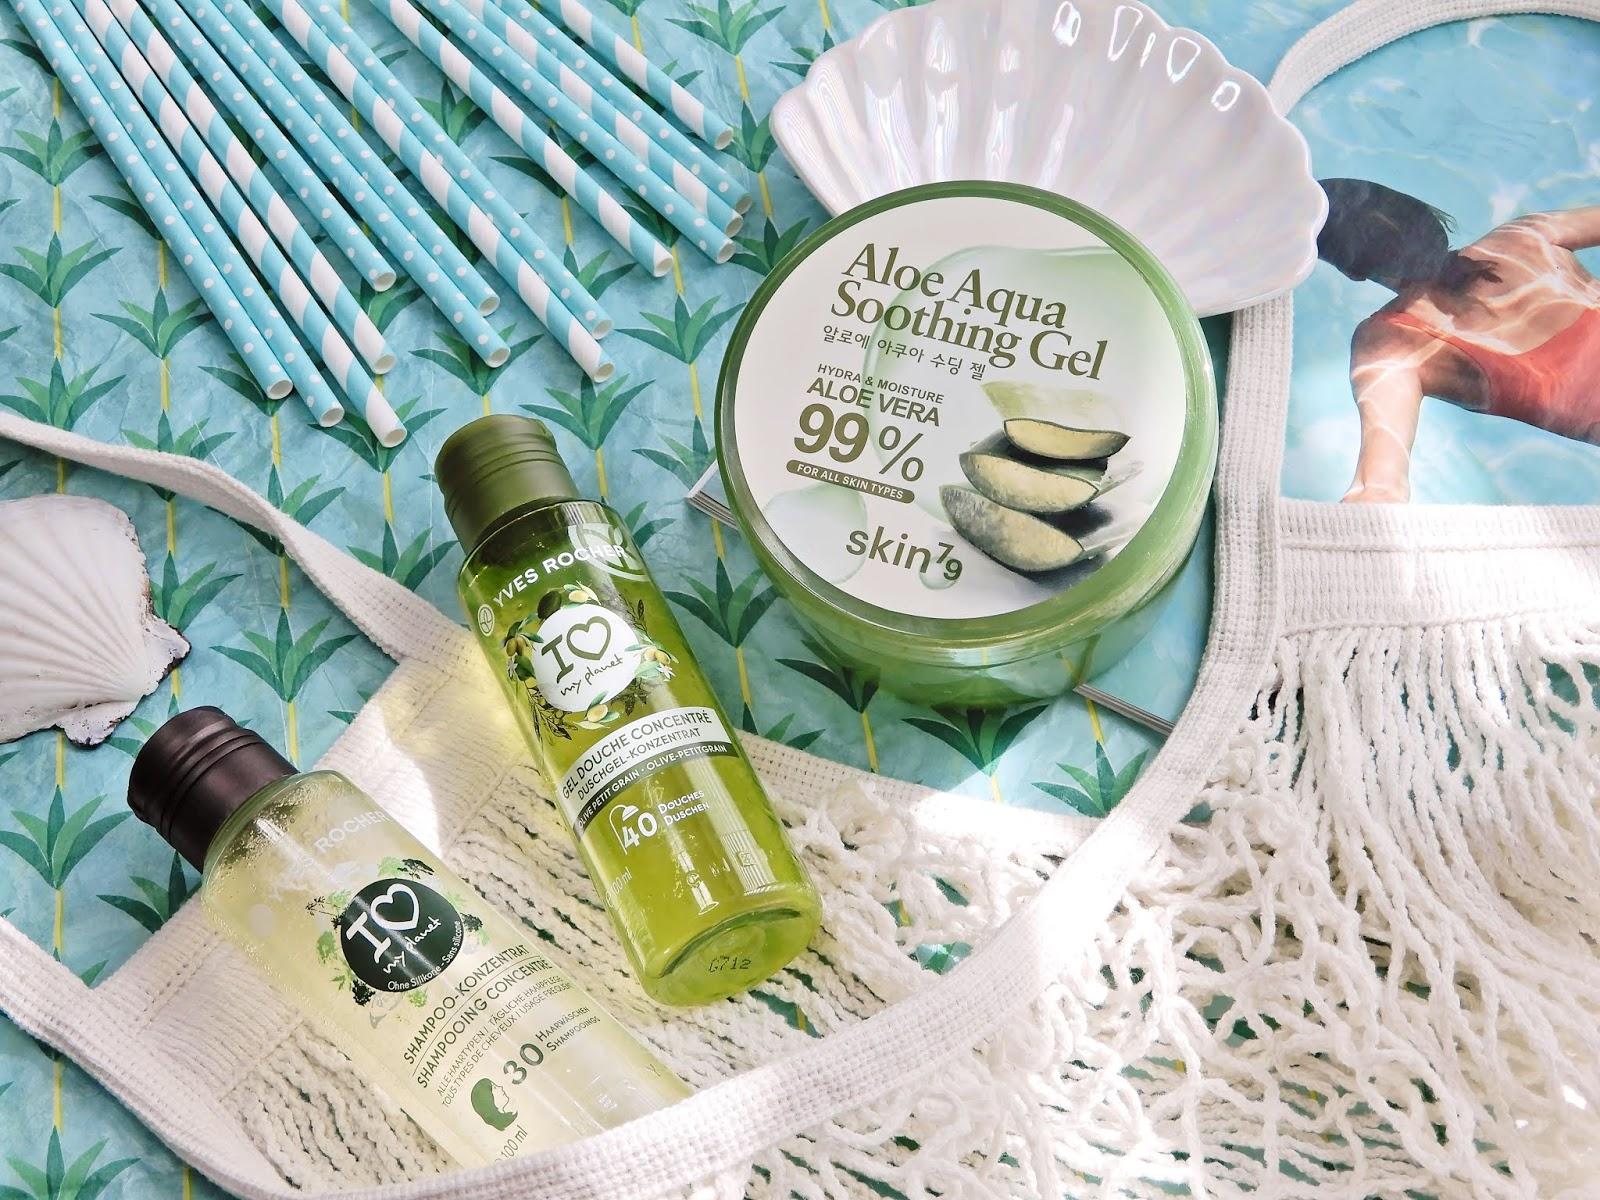 Yves Rocher Skoncentrowany żel pod prysznic oliwka & petit grain, Yves Rocher Skoncentrowany szampon do włosów nadający połyskSkin79 Aloe Aqua Soothing Gel 99 % łagodzący żel aloesowy,